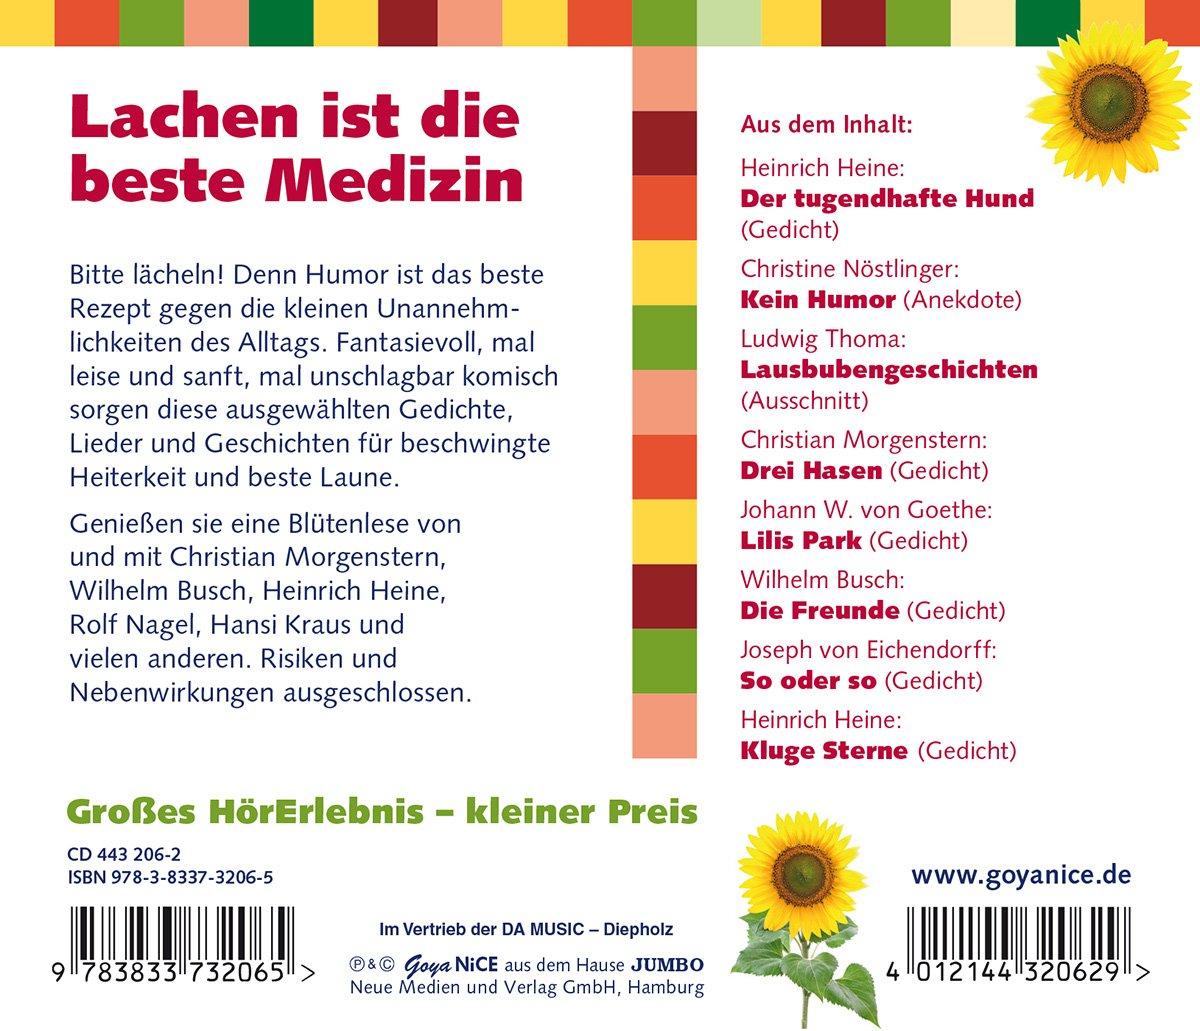 Lachen Ist Die Beste Medizin Geschichten Gedich Amazon